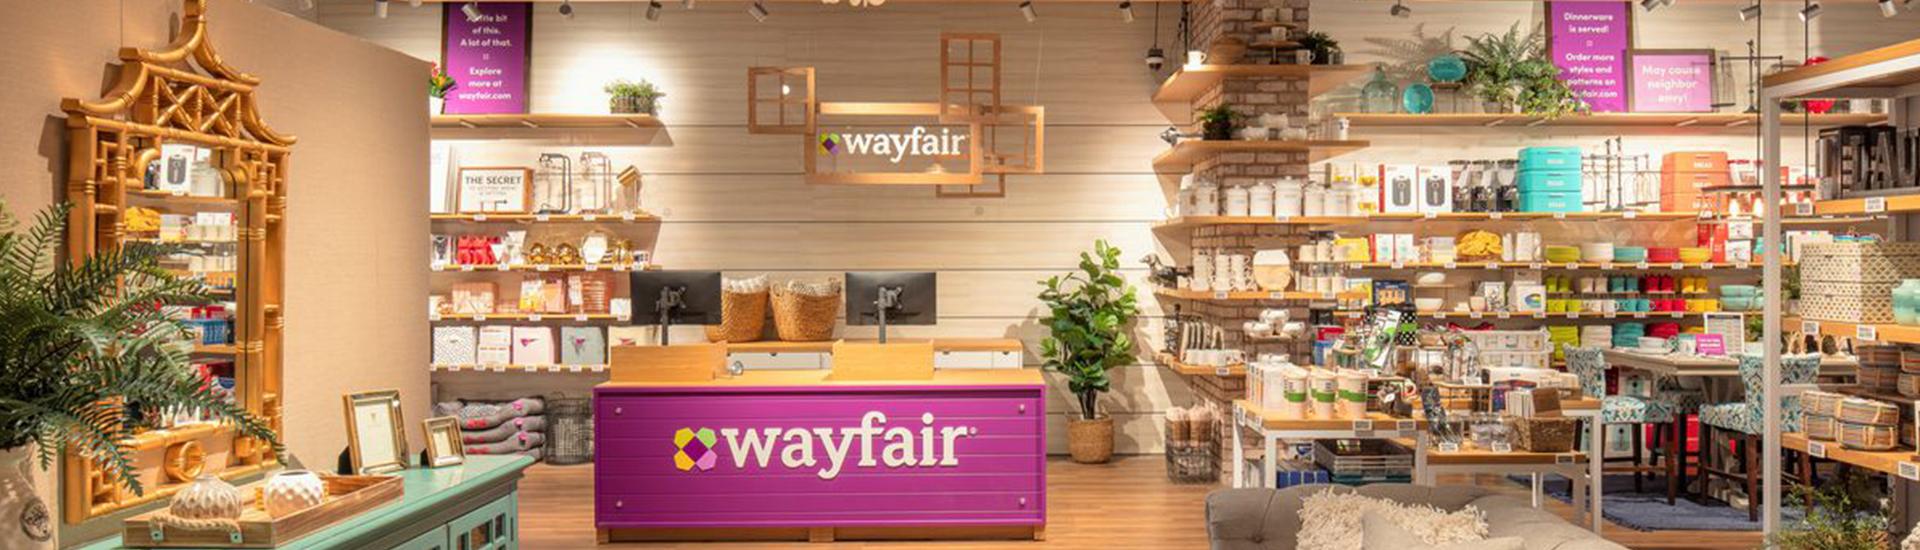 Wayfair Amerika Alışveriş